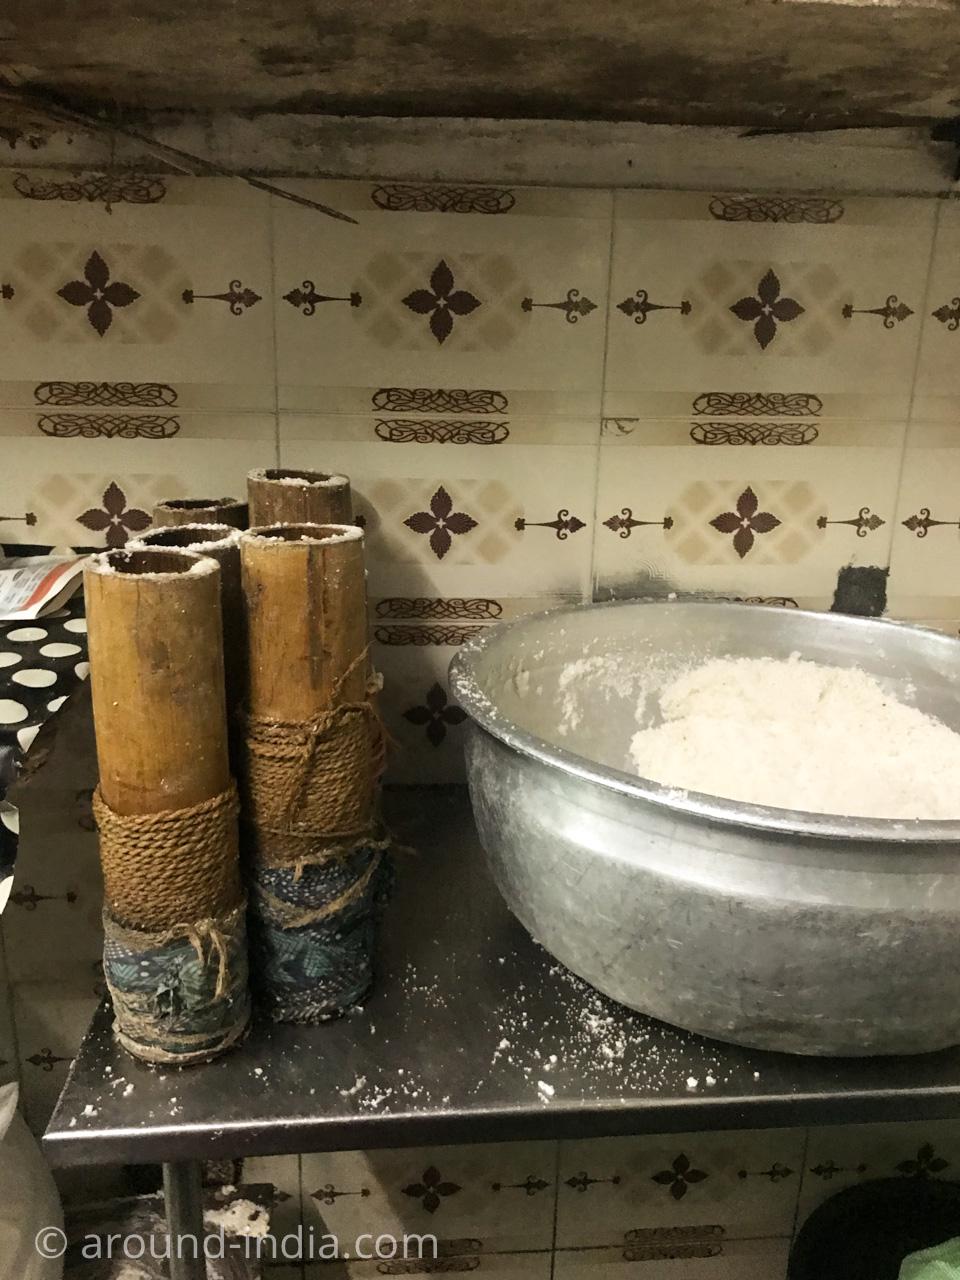 ケララ伝統料理食堂Onakkan Bharati竹筒のプットゥー蒸し器と粉